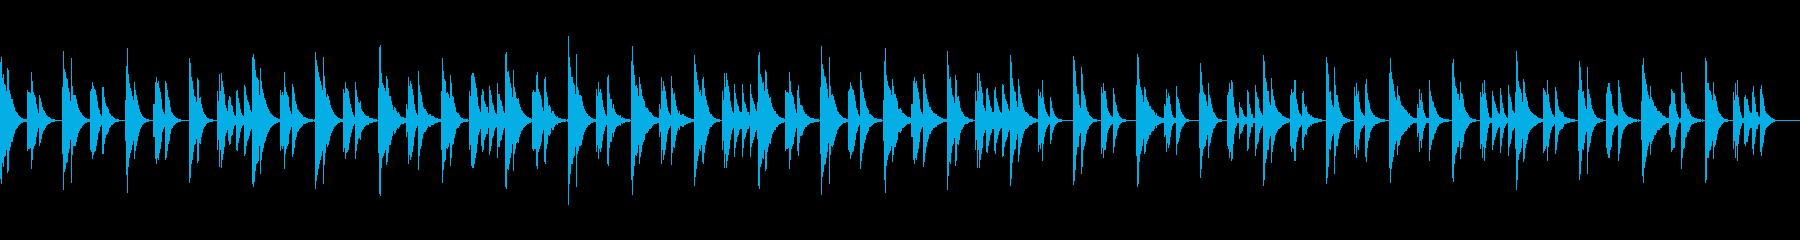 安心感で包み込んでくれるヒーリング音楽の再生済みの波形